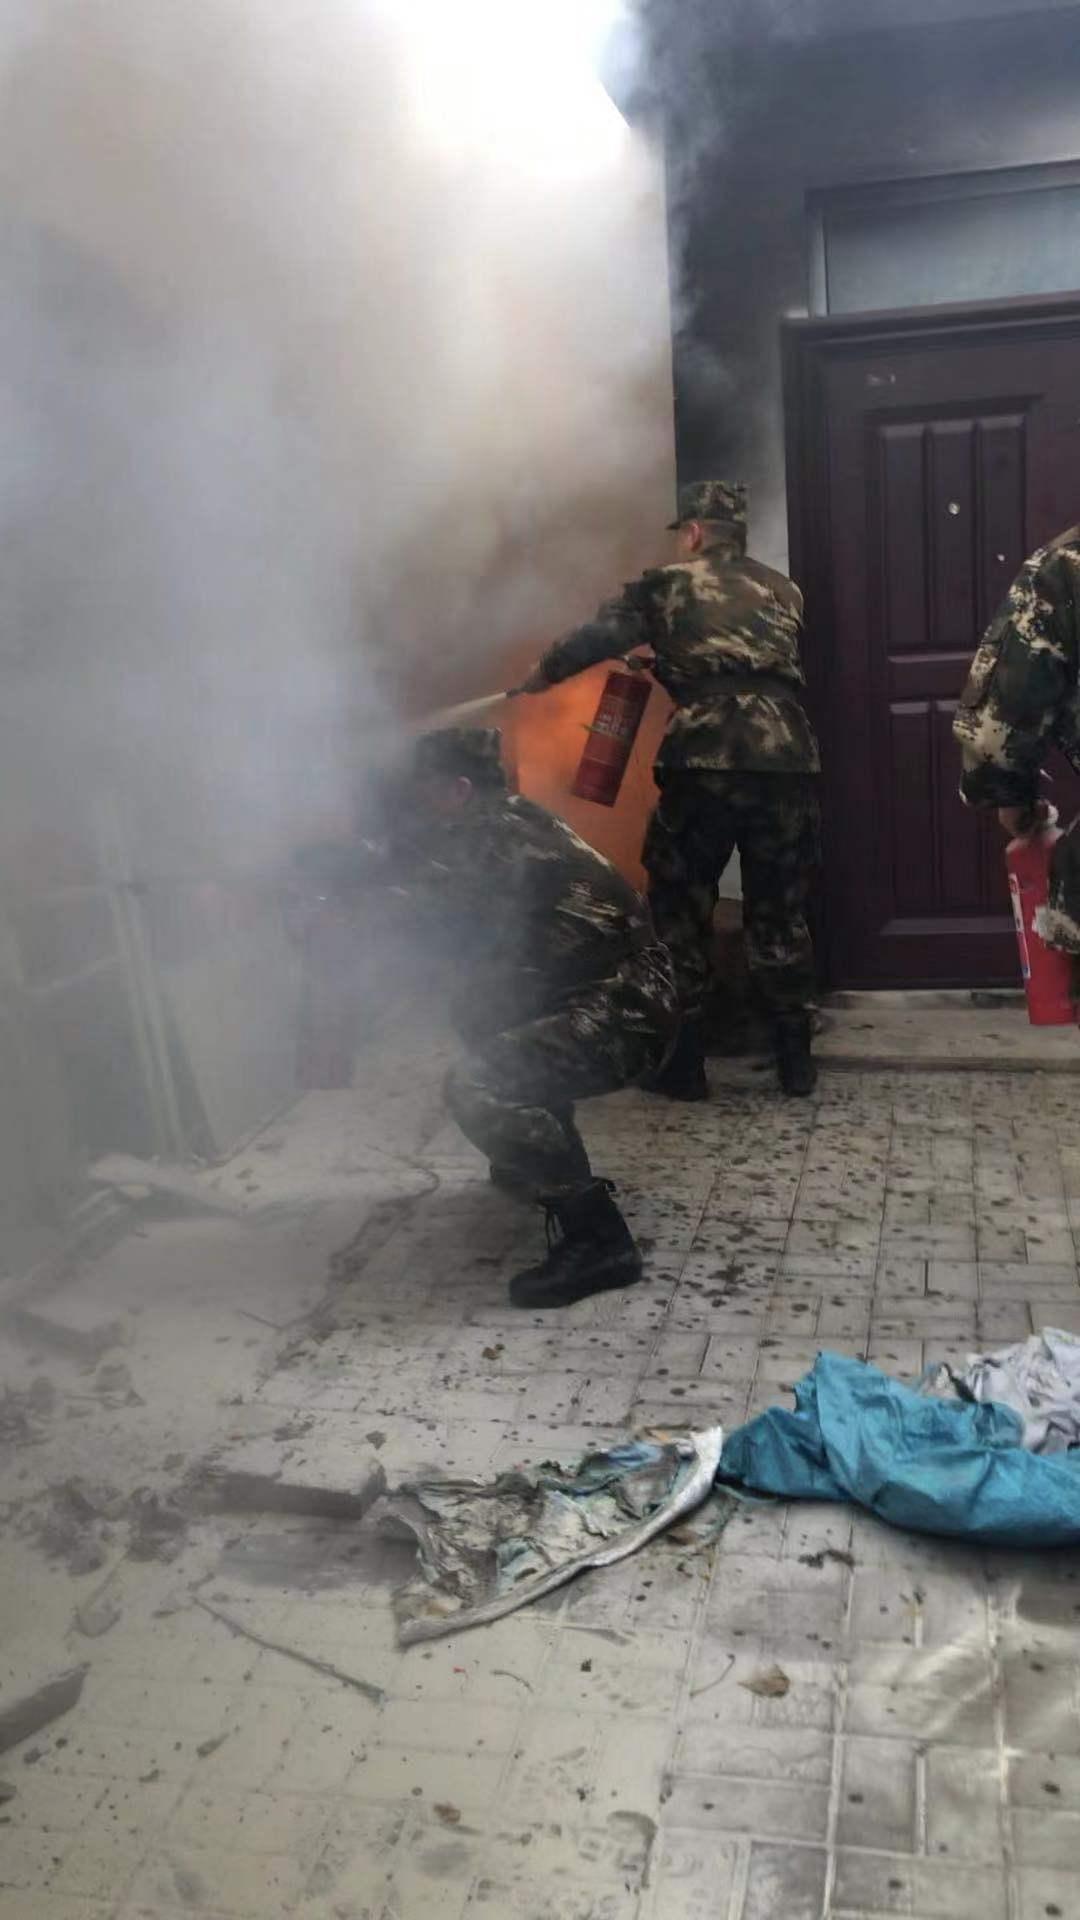 北京朝陽一居民樓旁車棚起火,一居民被困獲救_救援